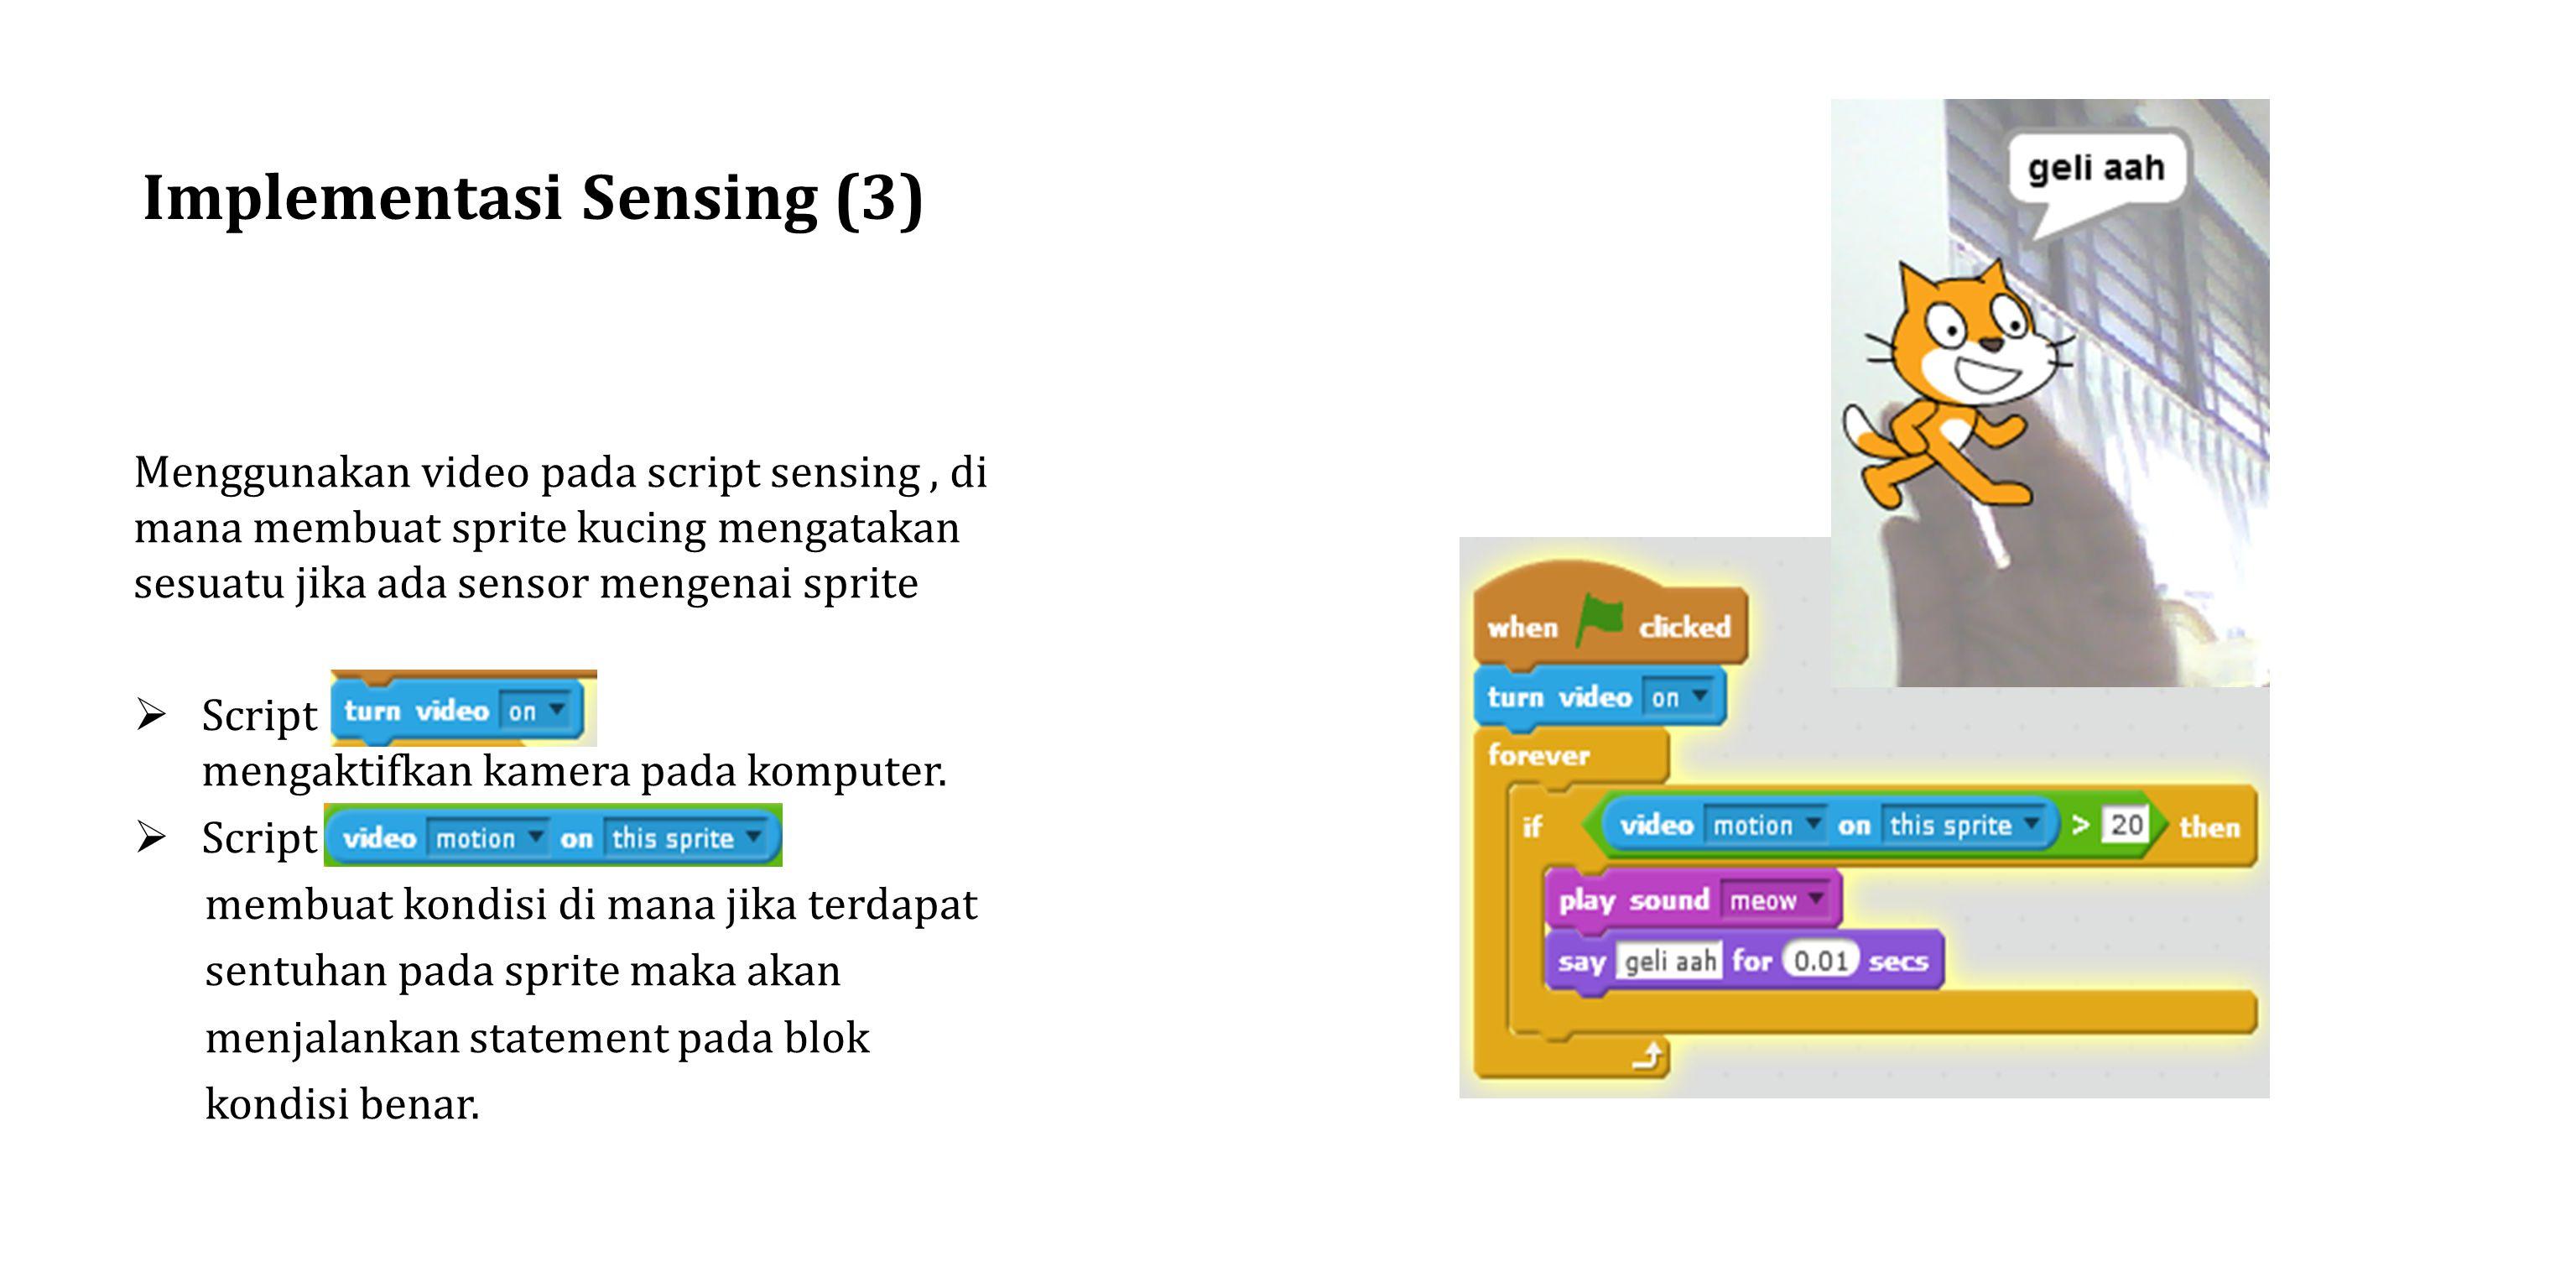 Implementasi Sensing (3) Menggunakan video pada script sensing, di mana membuat sprite kucing mengatakan sesuatu jika ada sensor mengenai sprite  Script mengaktifkan kamera pada komputer.